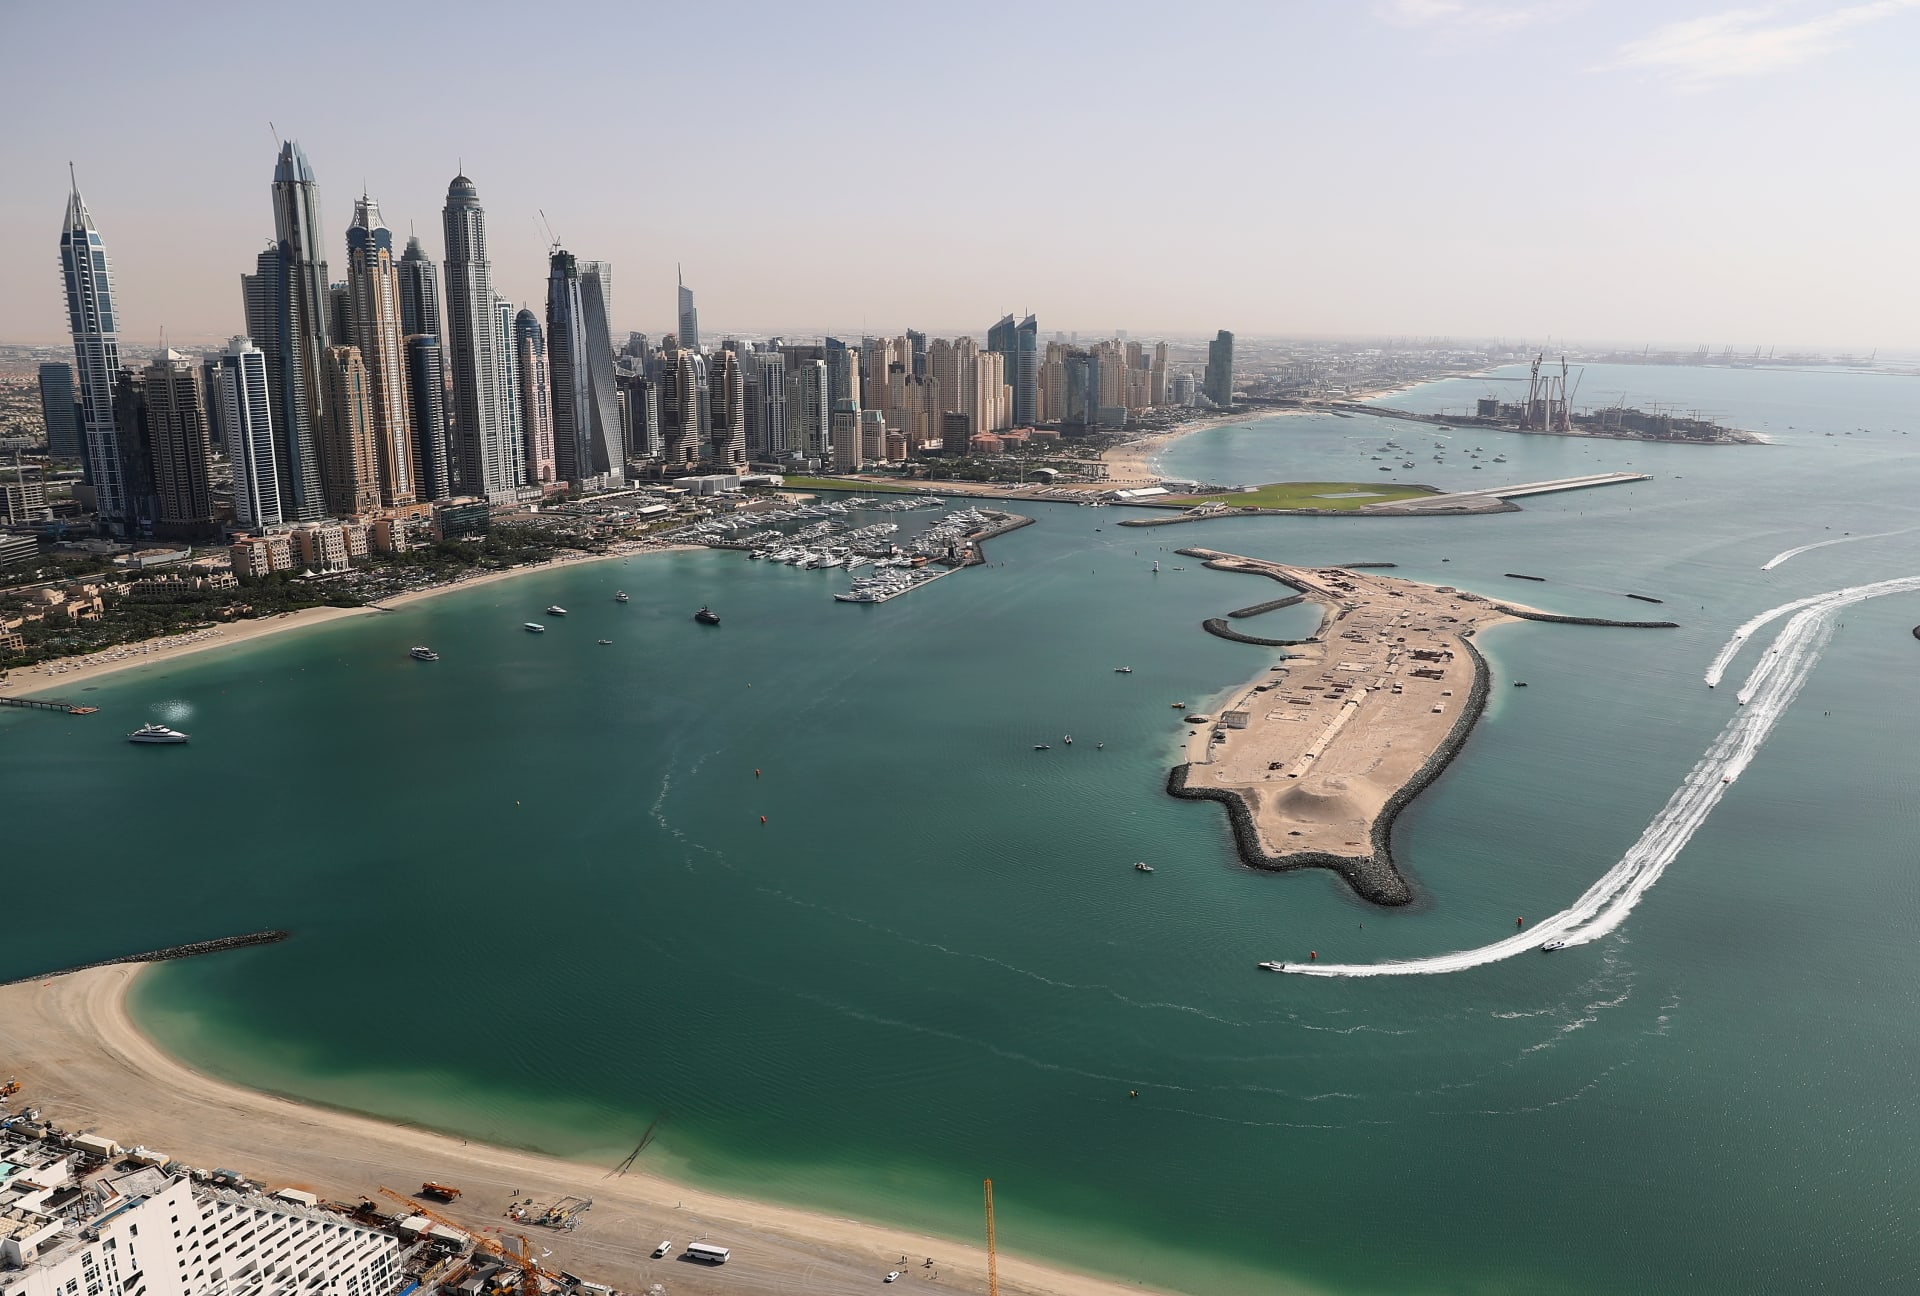 كيف تحصل على وظيفة في دبي خلال رحلة سياحية؟